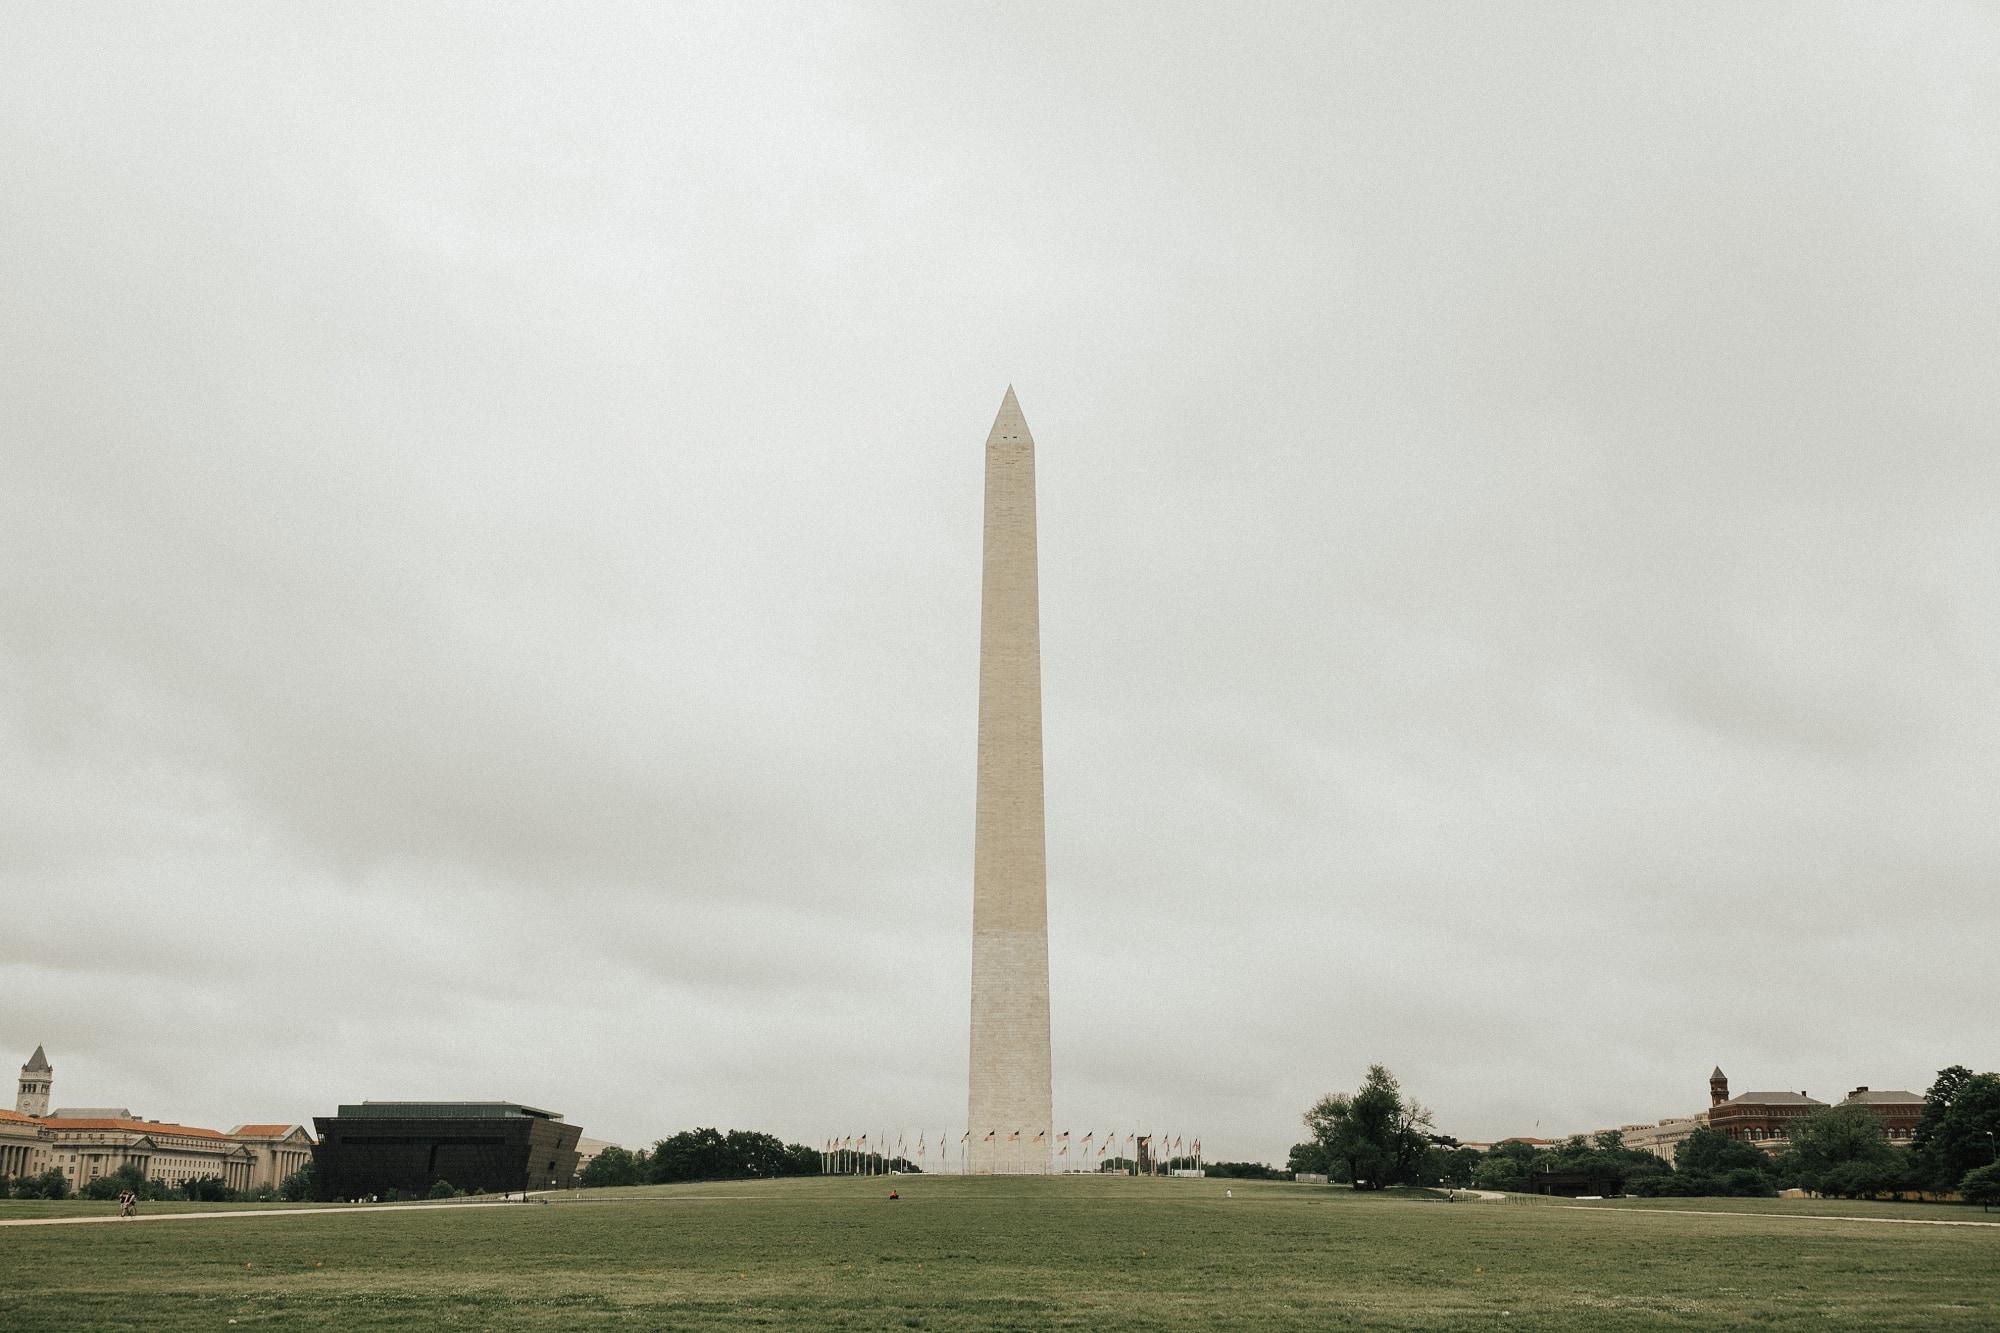 Washington Monument on a gloomy day